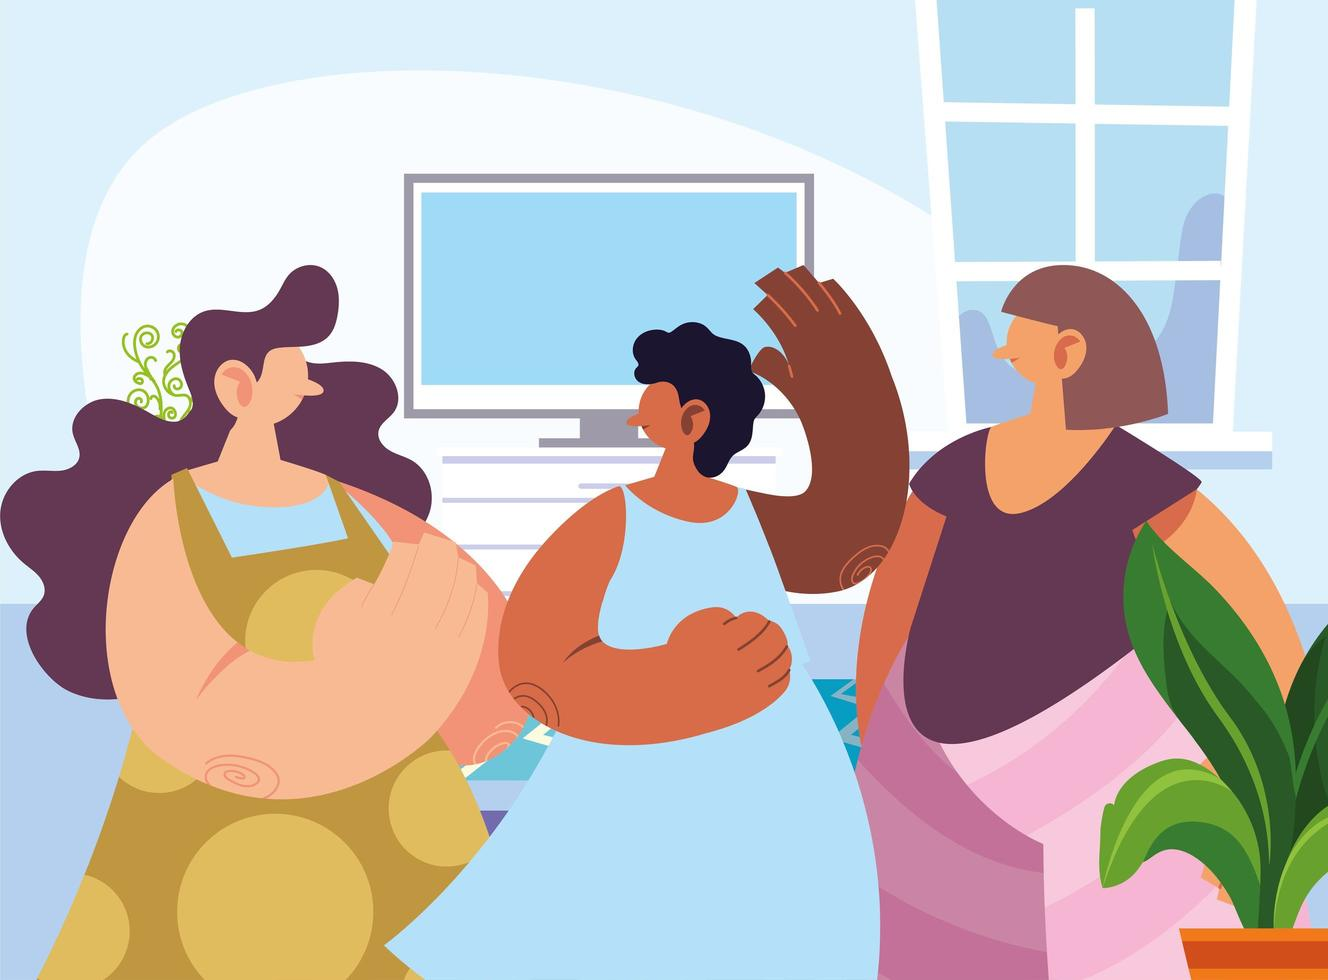 vrouwen kwamen samen thuis deelden vector